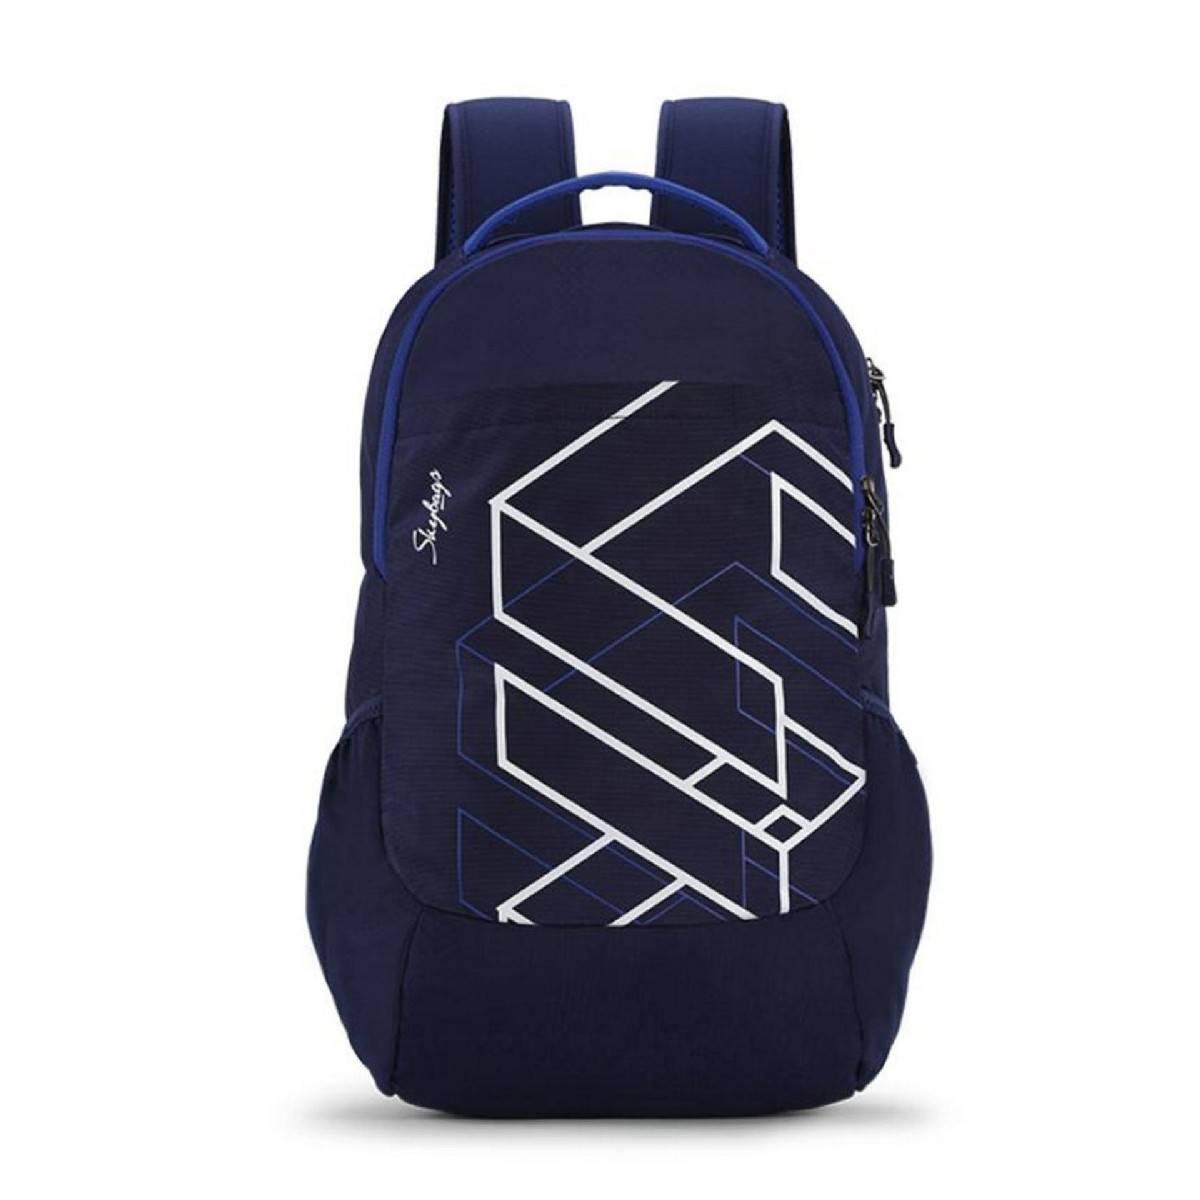 SKYBAGS FELIX 01 SCHOOL BAG BACKPACK BLUE